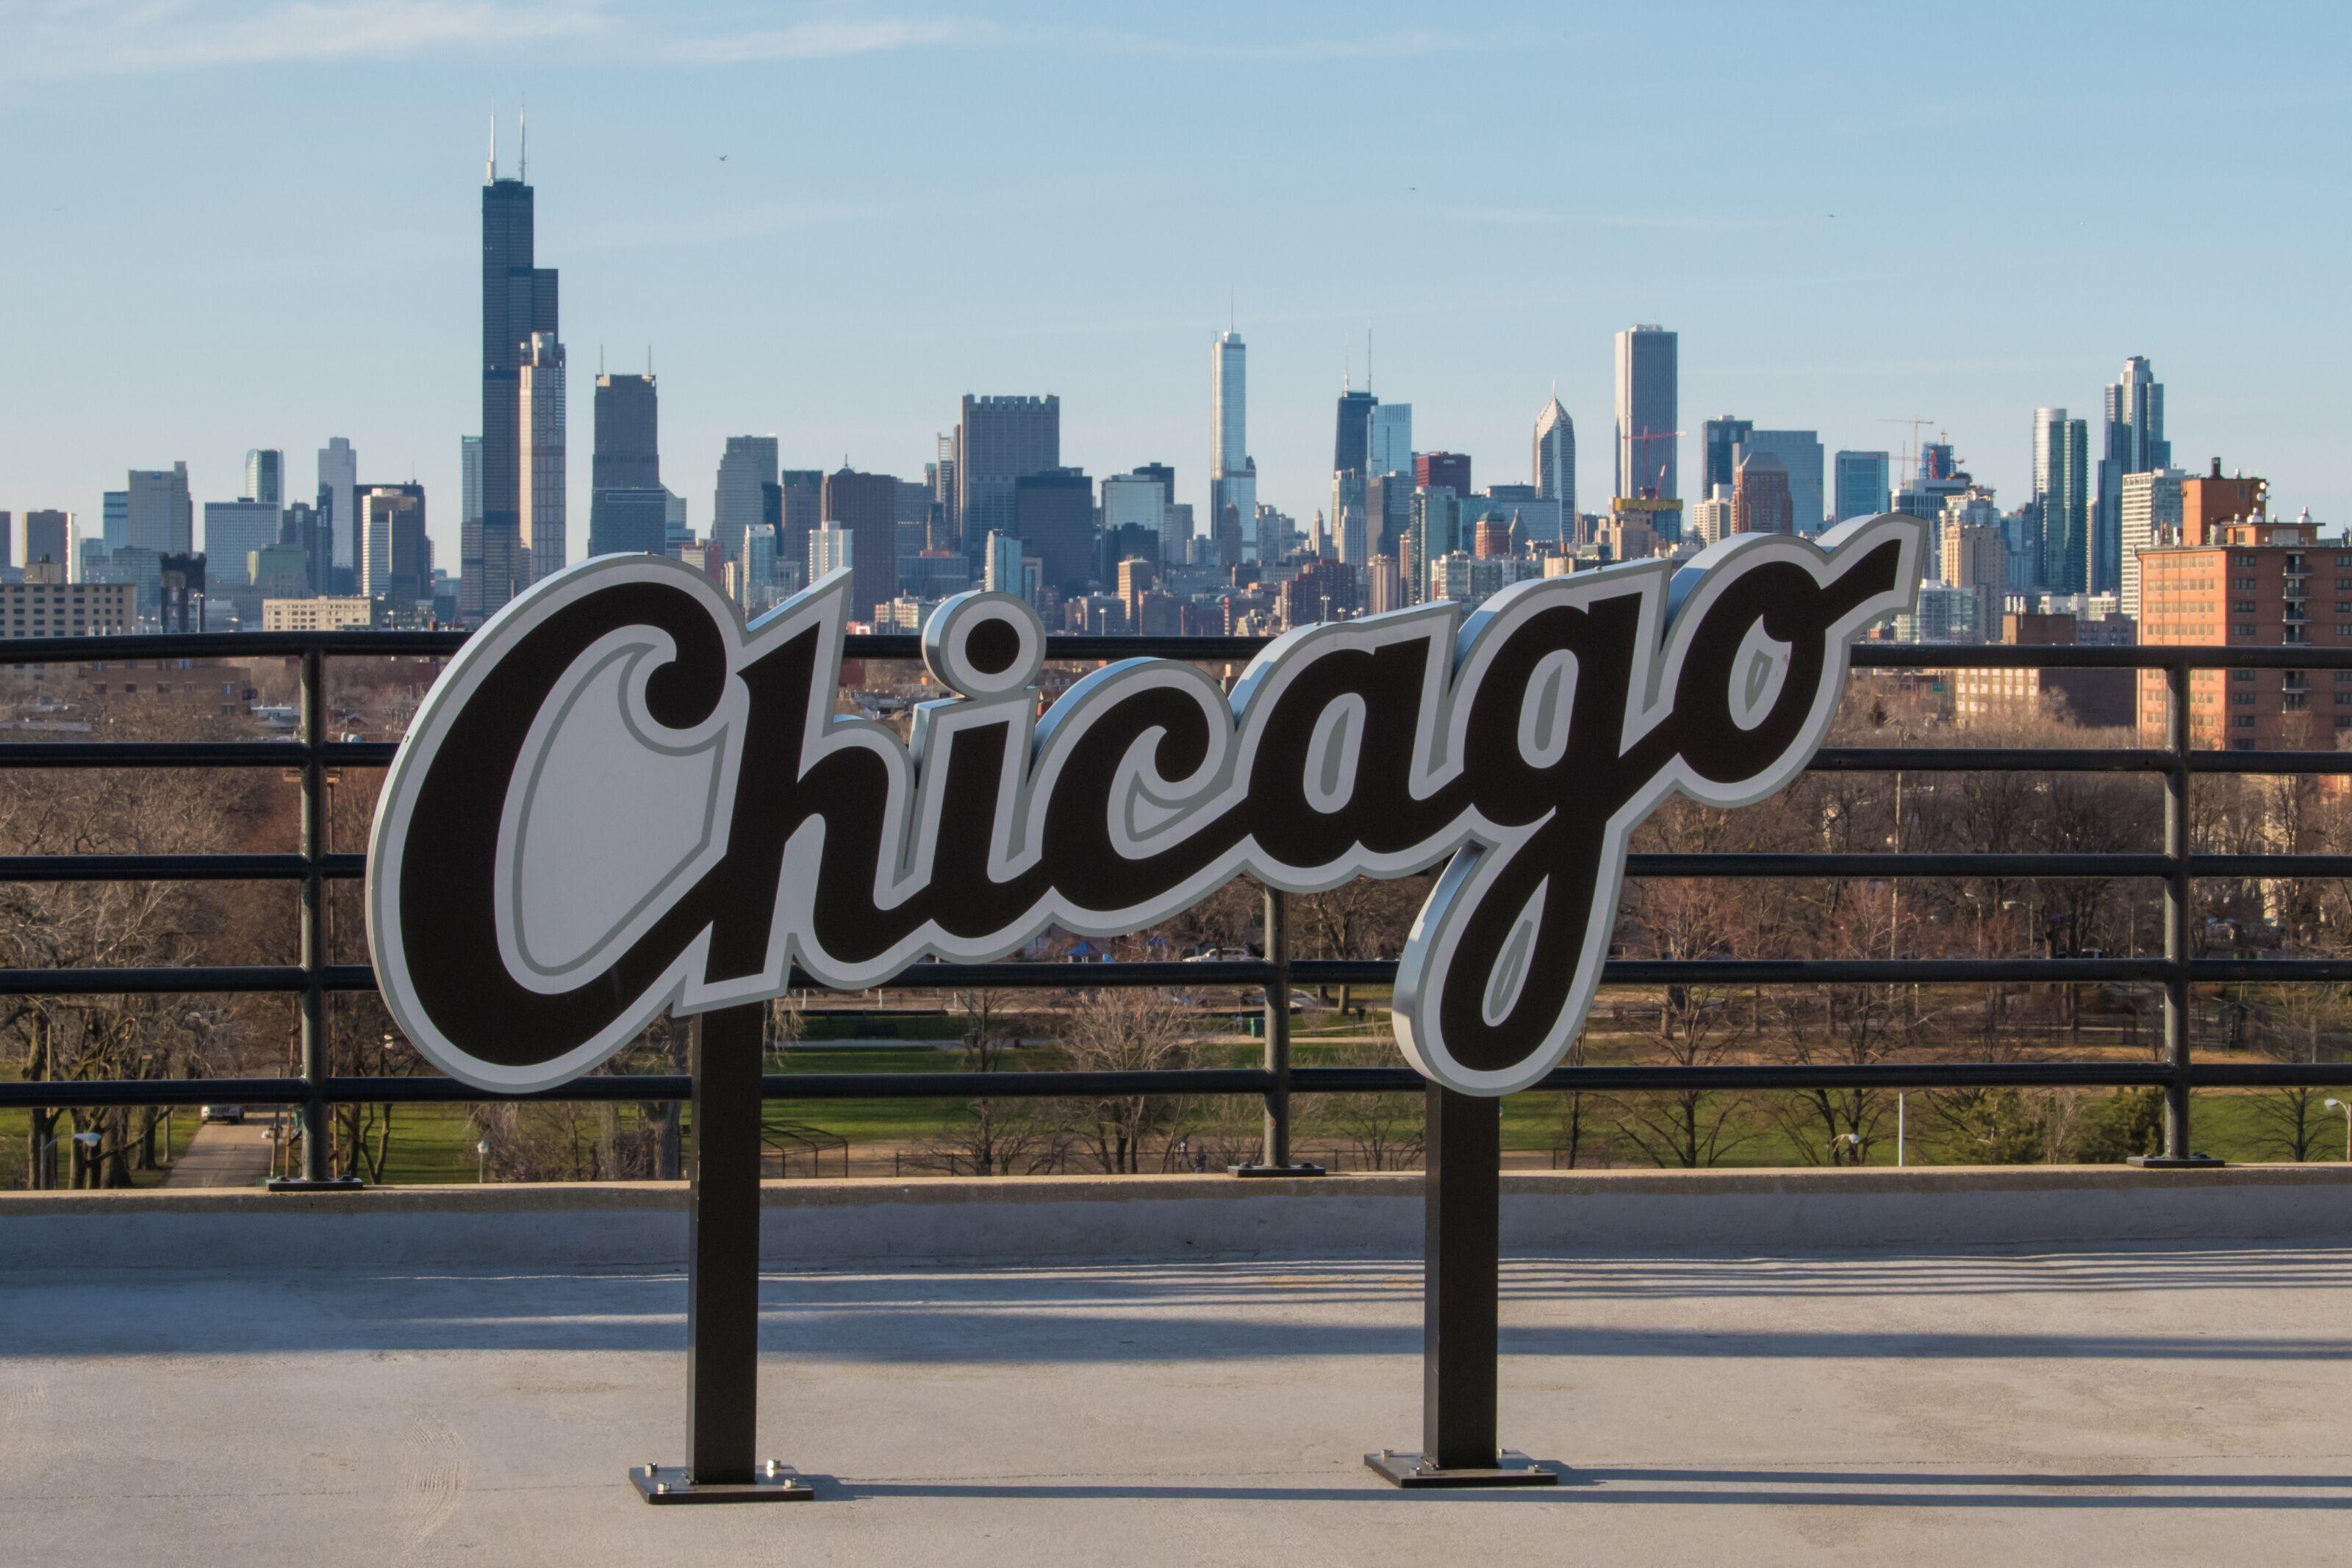 3b4b68453 Chicago White Sox agree to terms with Elijah Tatis